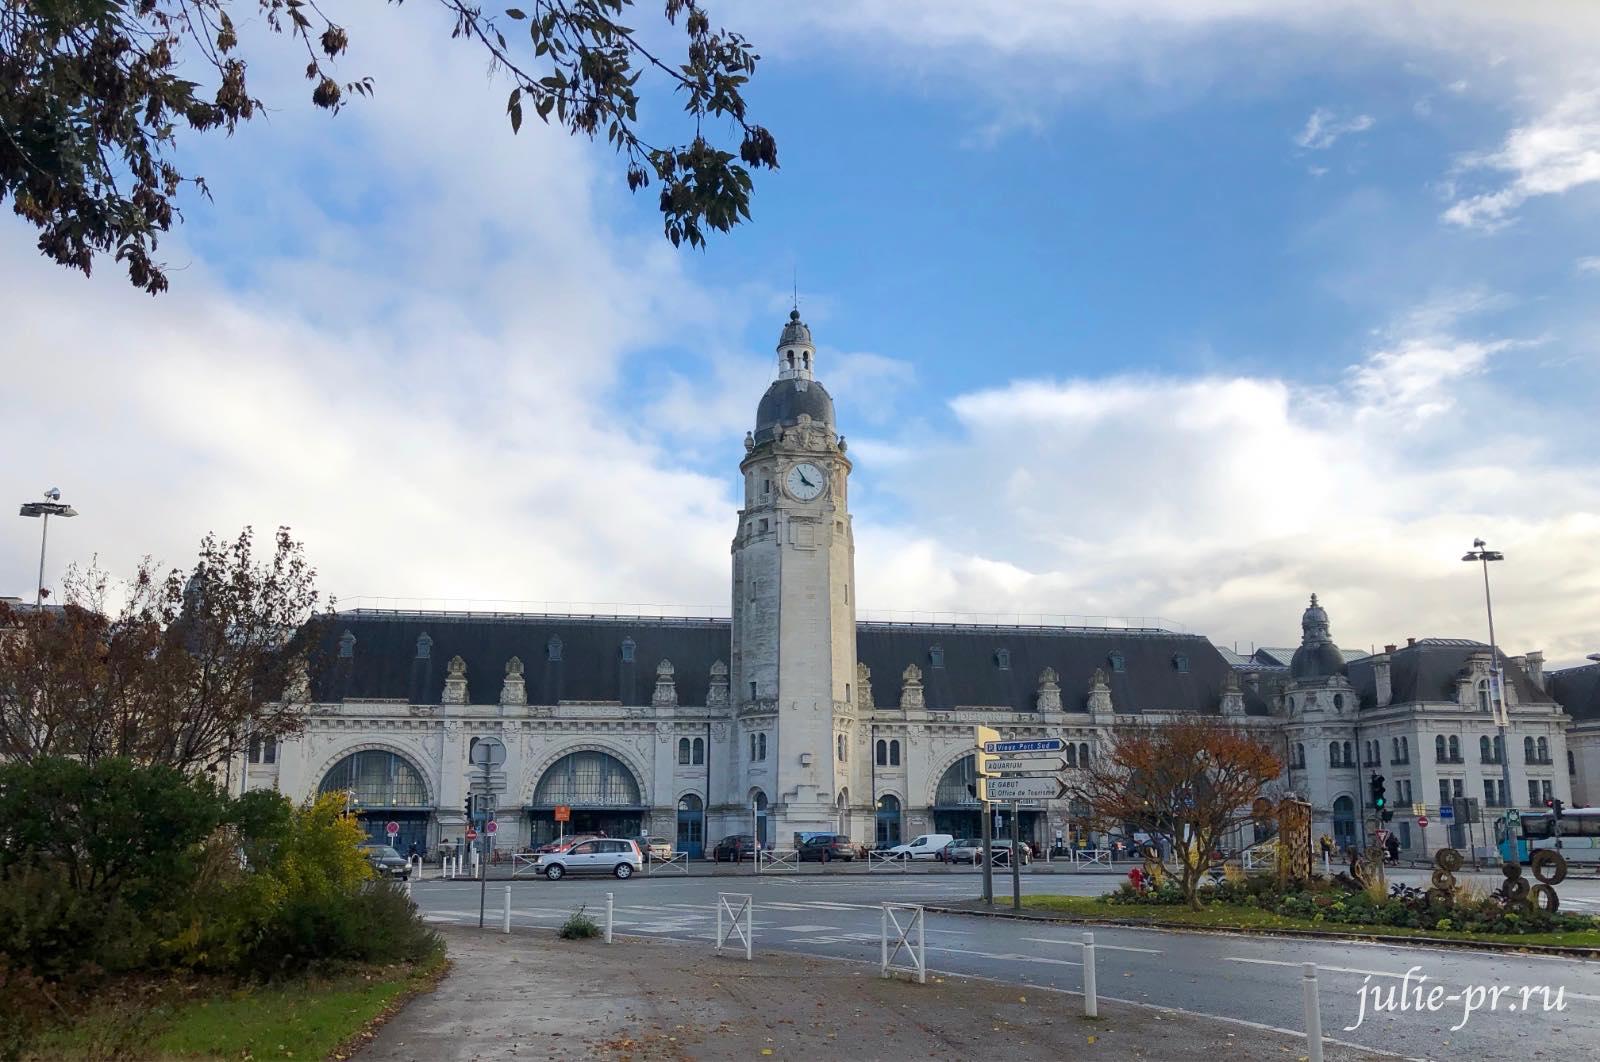 Железнодорожный вокзал Ла-Рошель (Gare SNCF La Rochelle Ville)